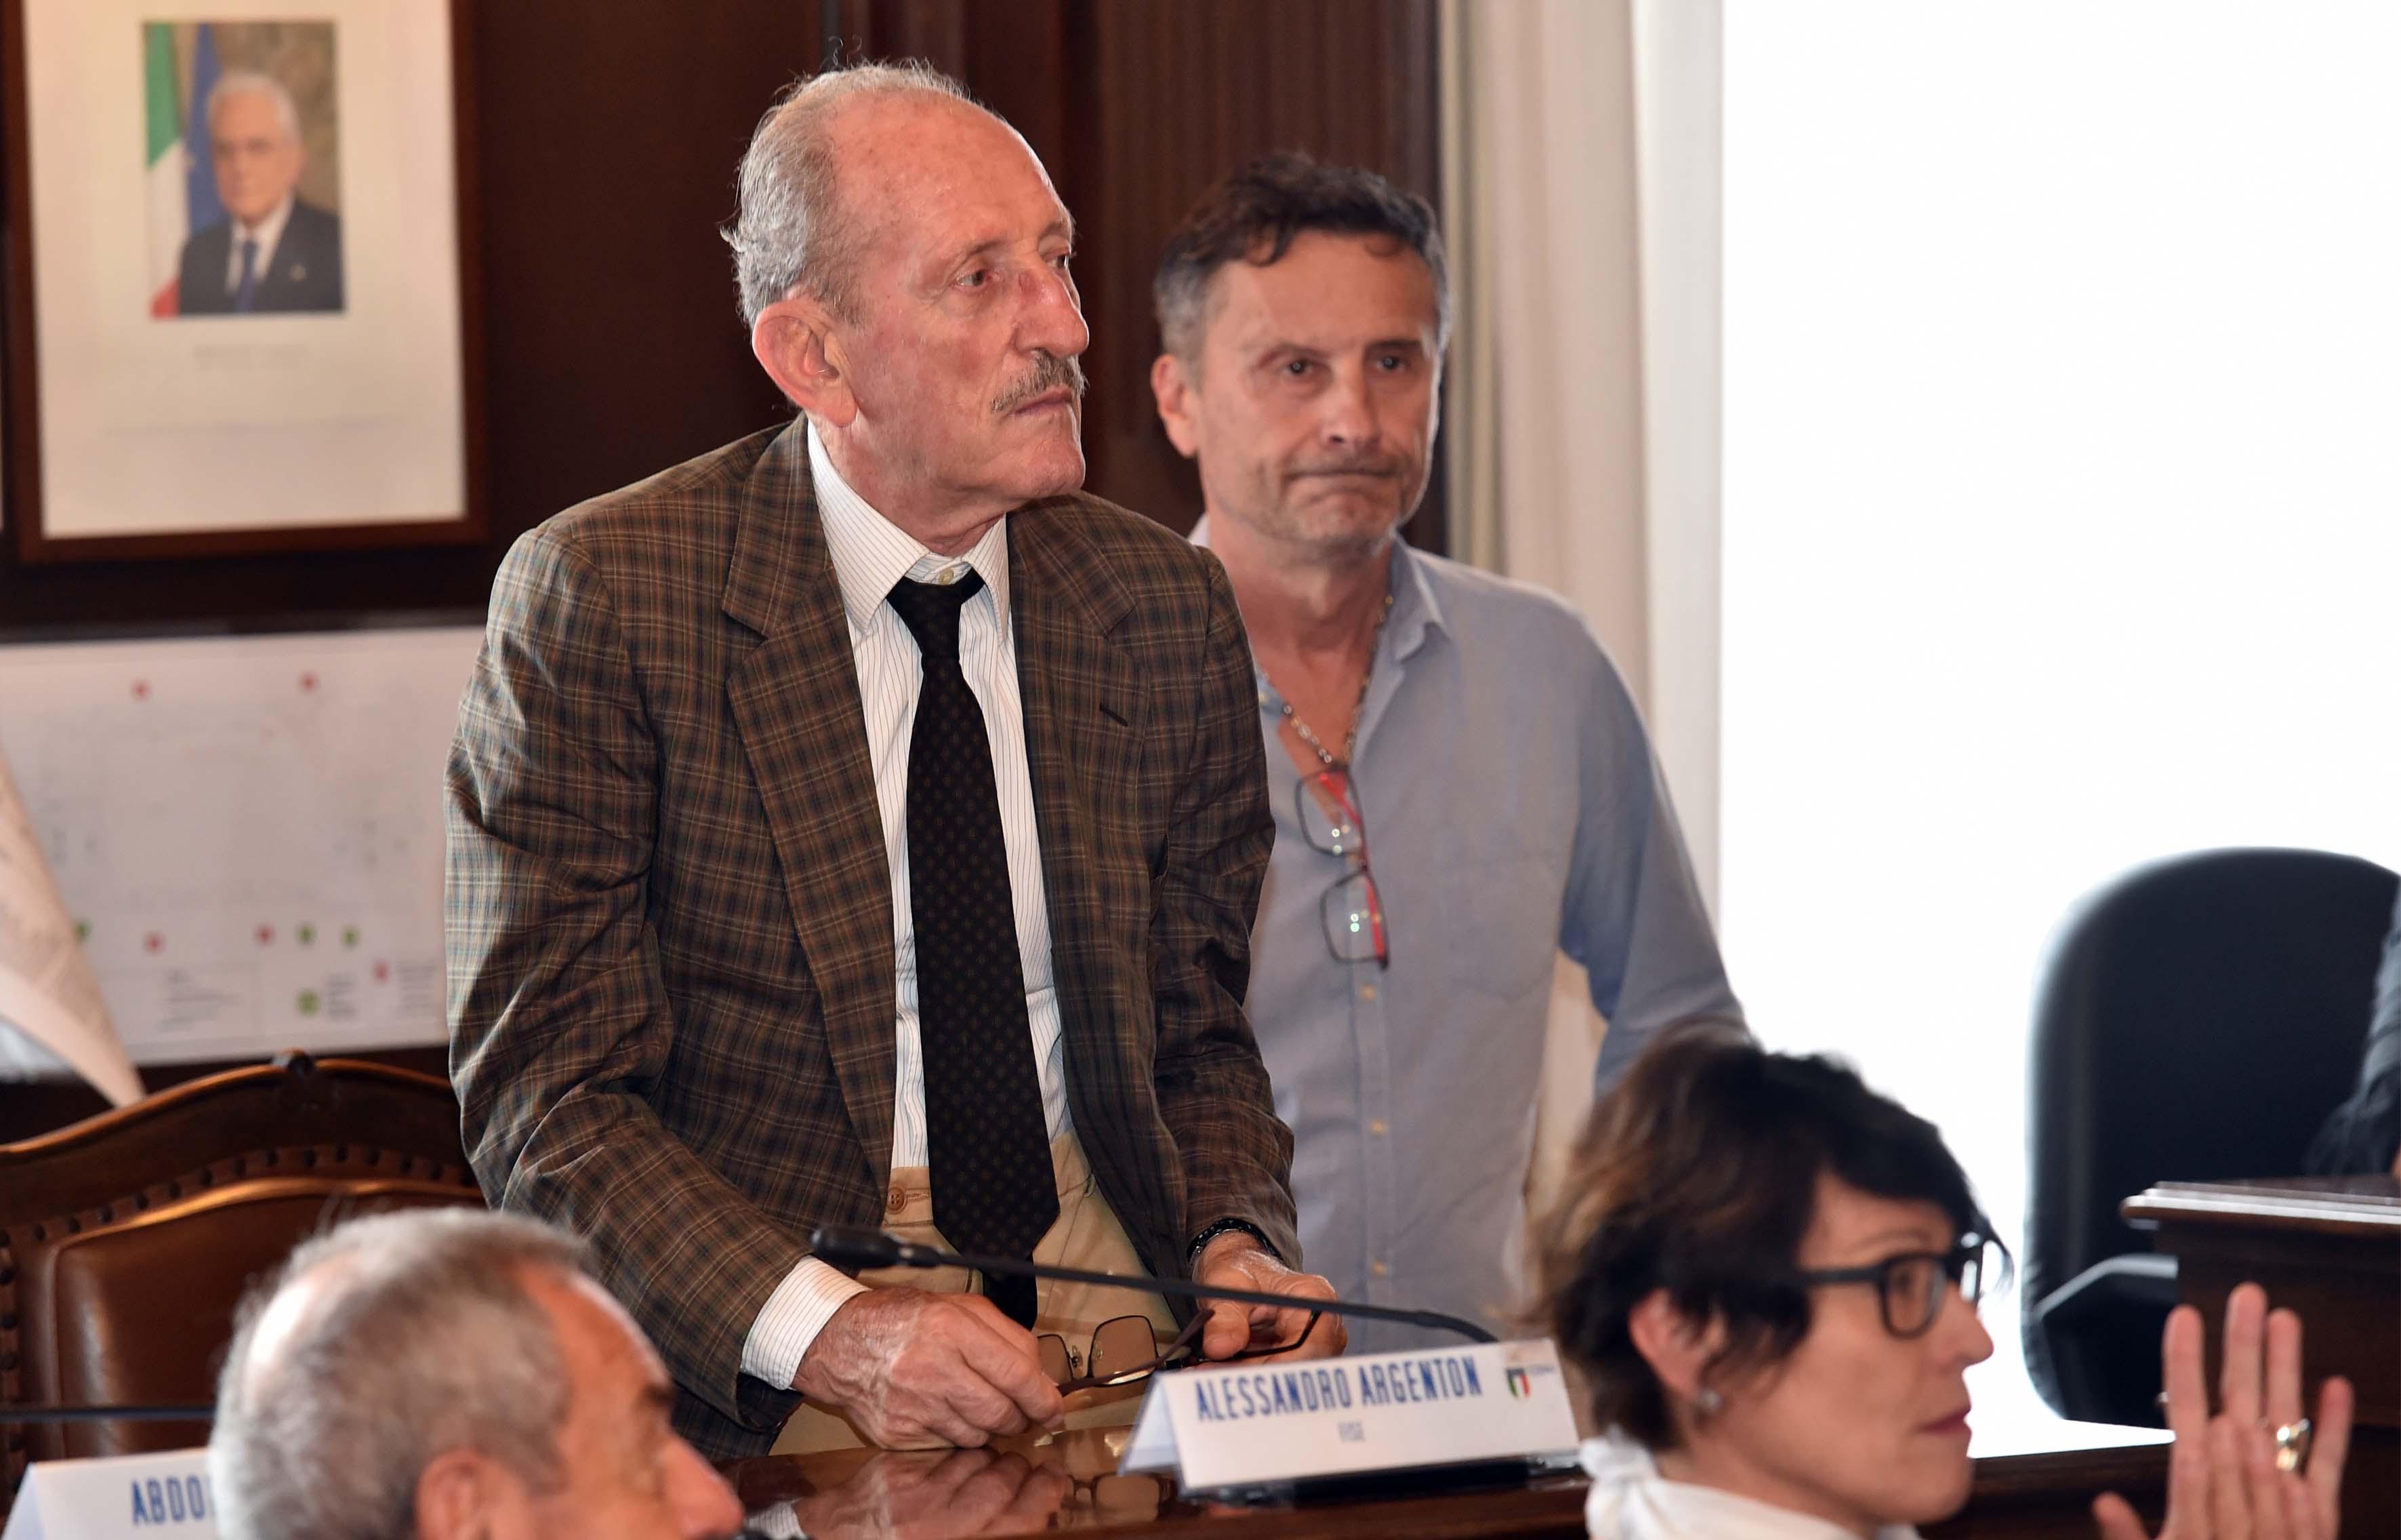 180612 0047 Trieste Giunta foto Simone Ferraro SFA_8633 copia